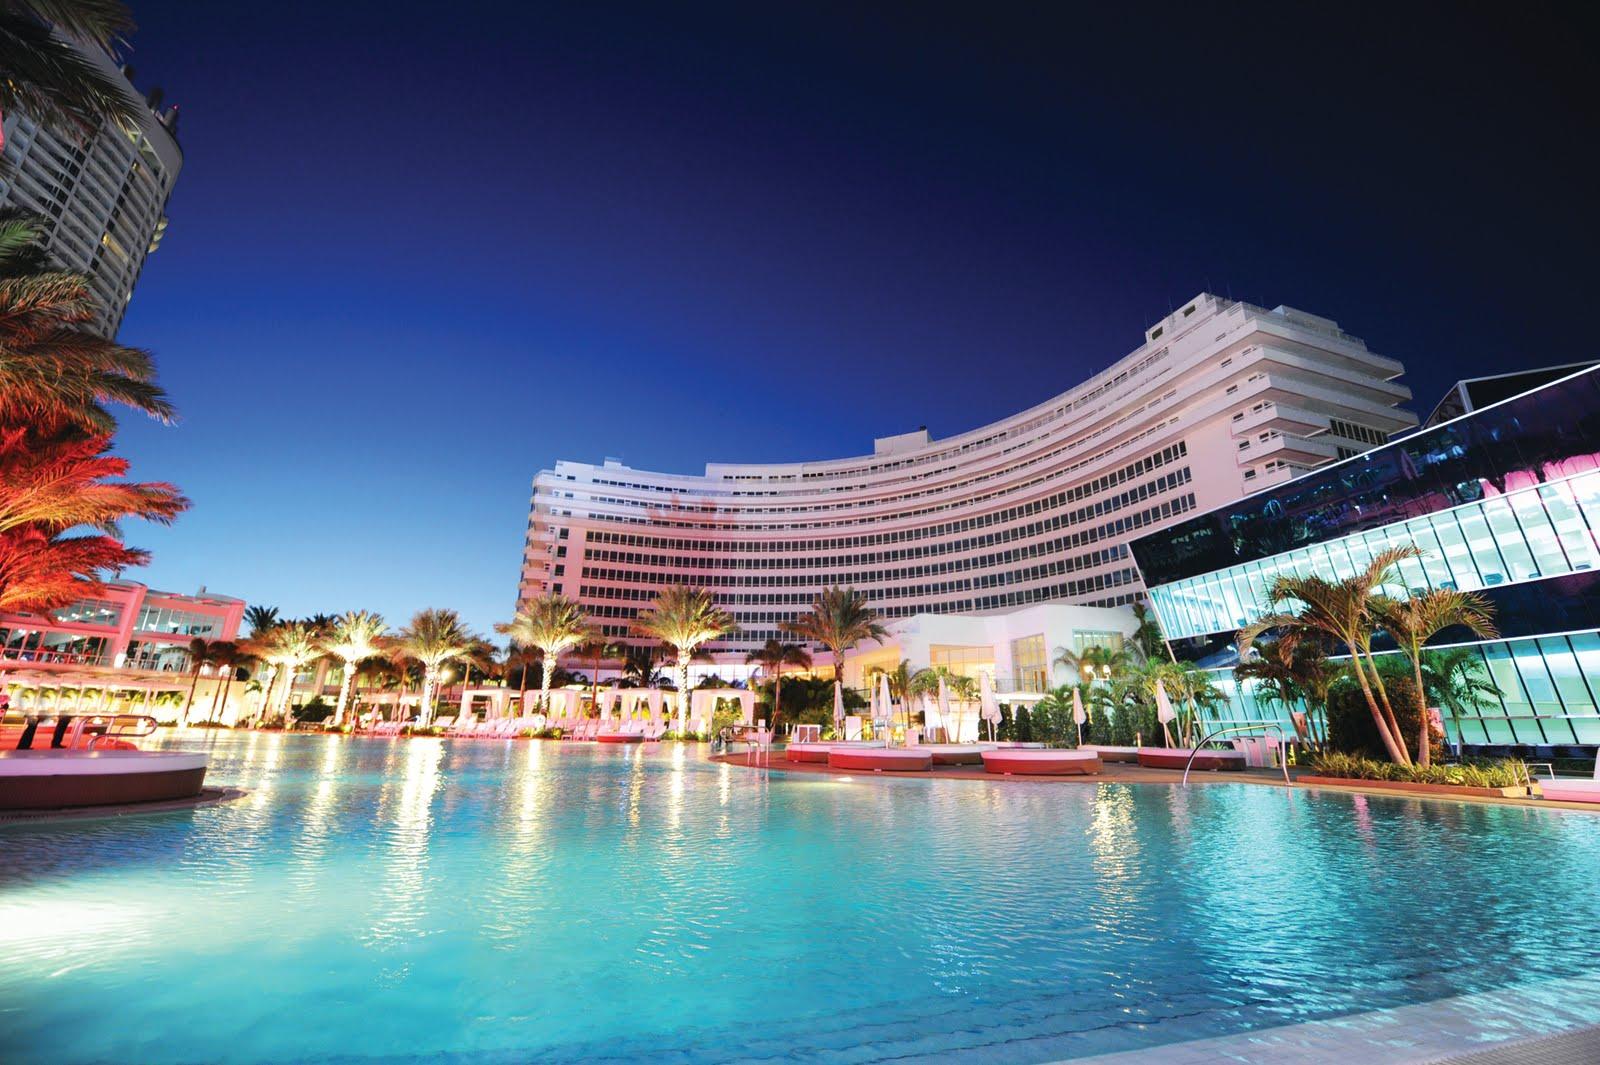 Fontaine Hotel Miami